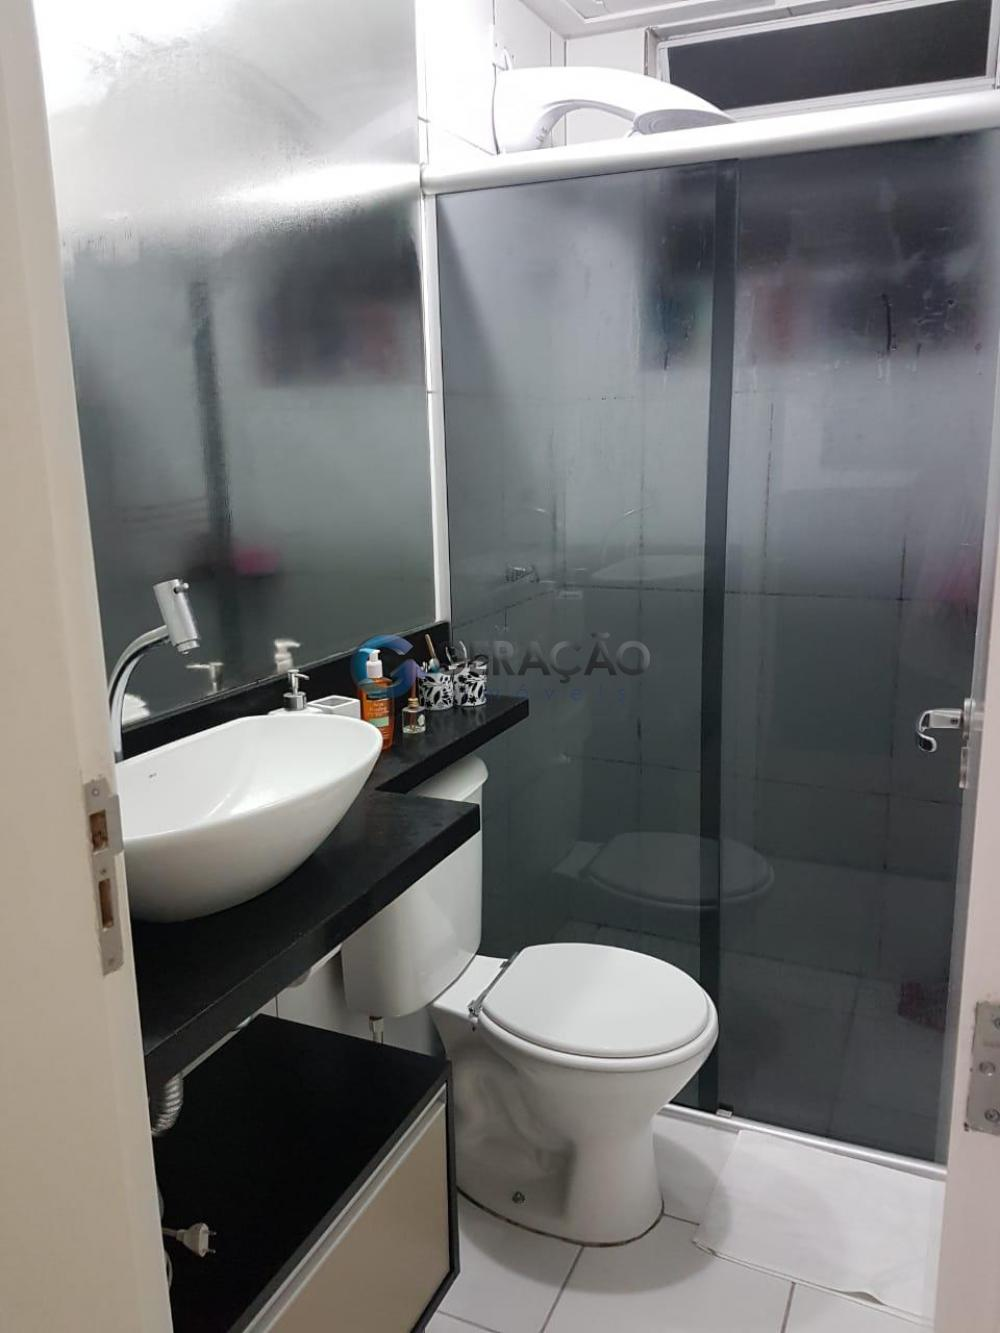 Comprar Apartamento / Padrão em São José dos Campos apenas R$ 230.000,00 - Foto 10